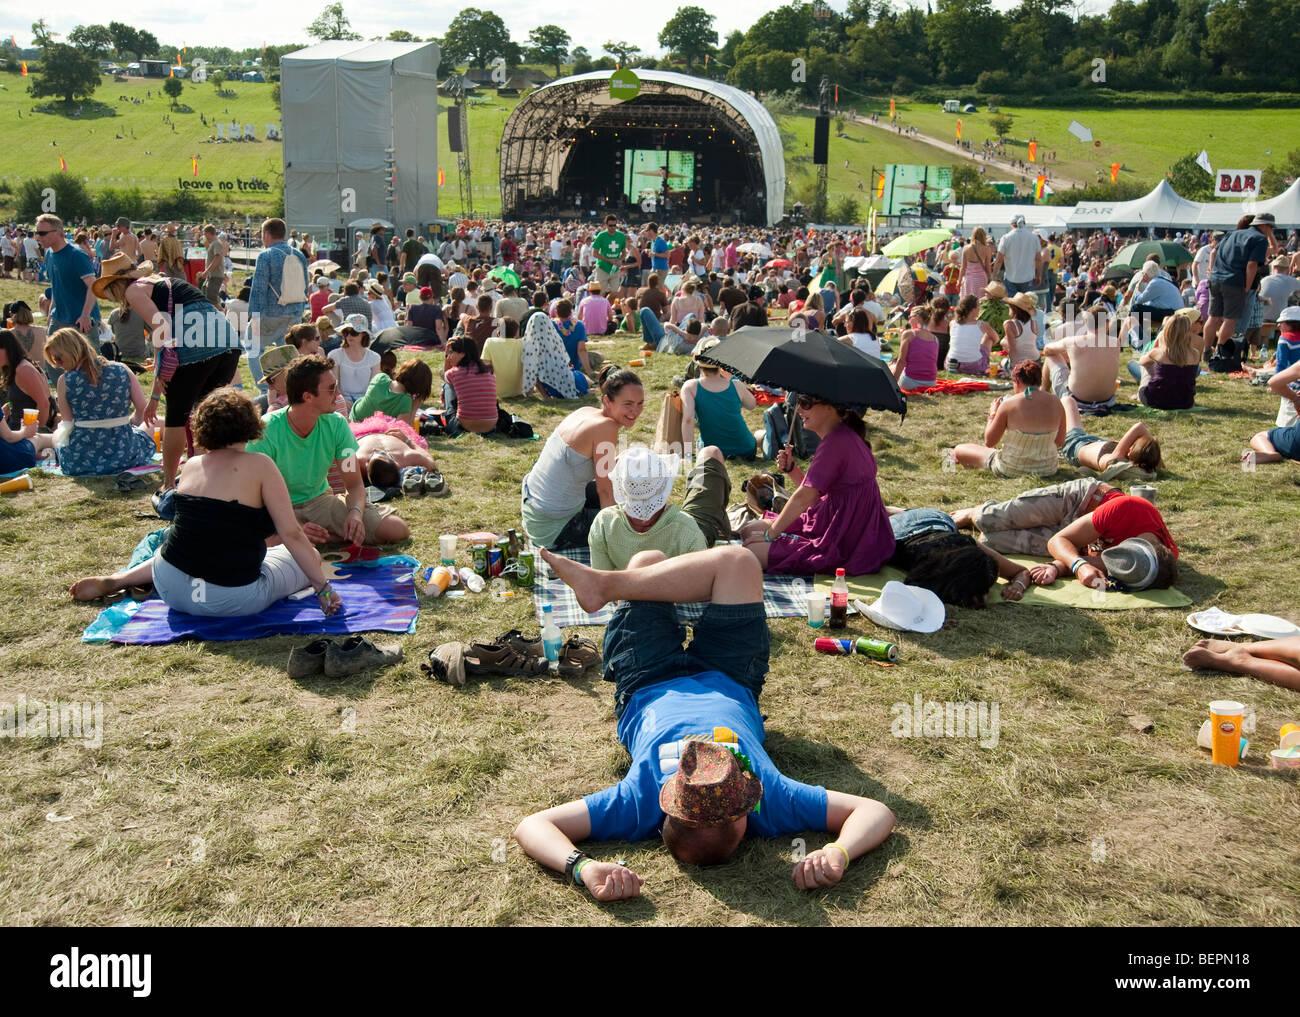 La gente en el Big Chill festival en Gran Bretaña Imagen De Stock